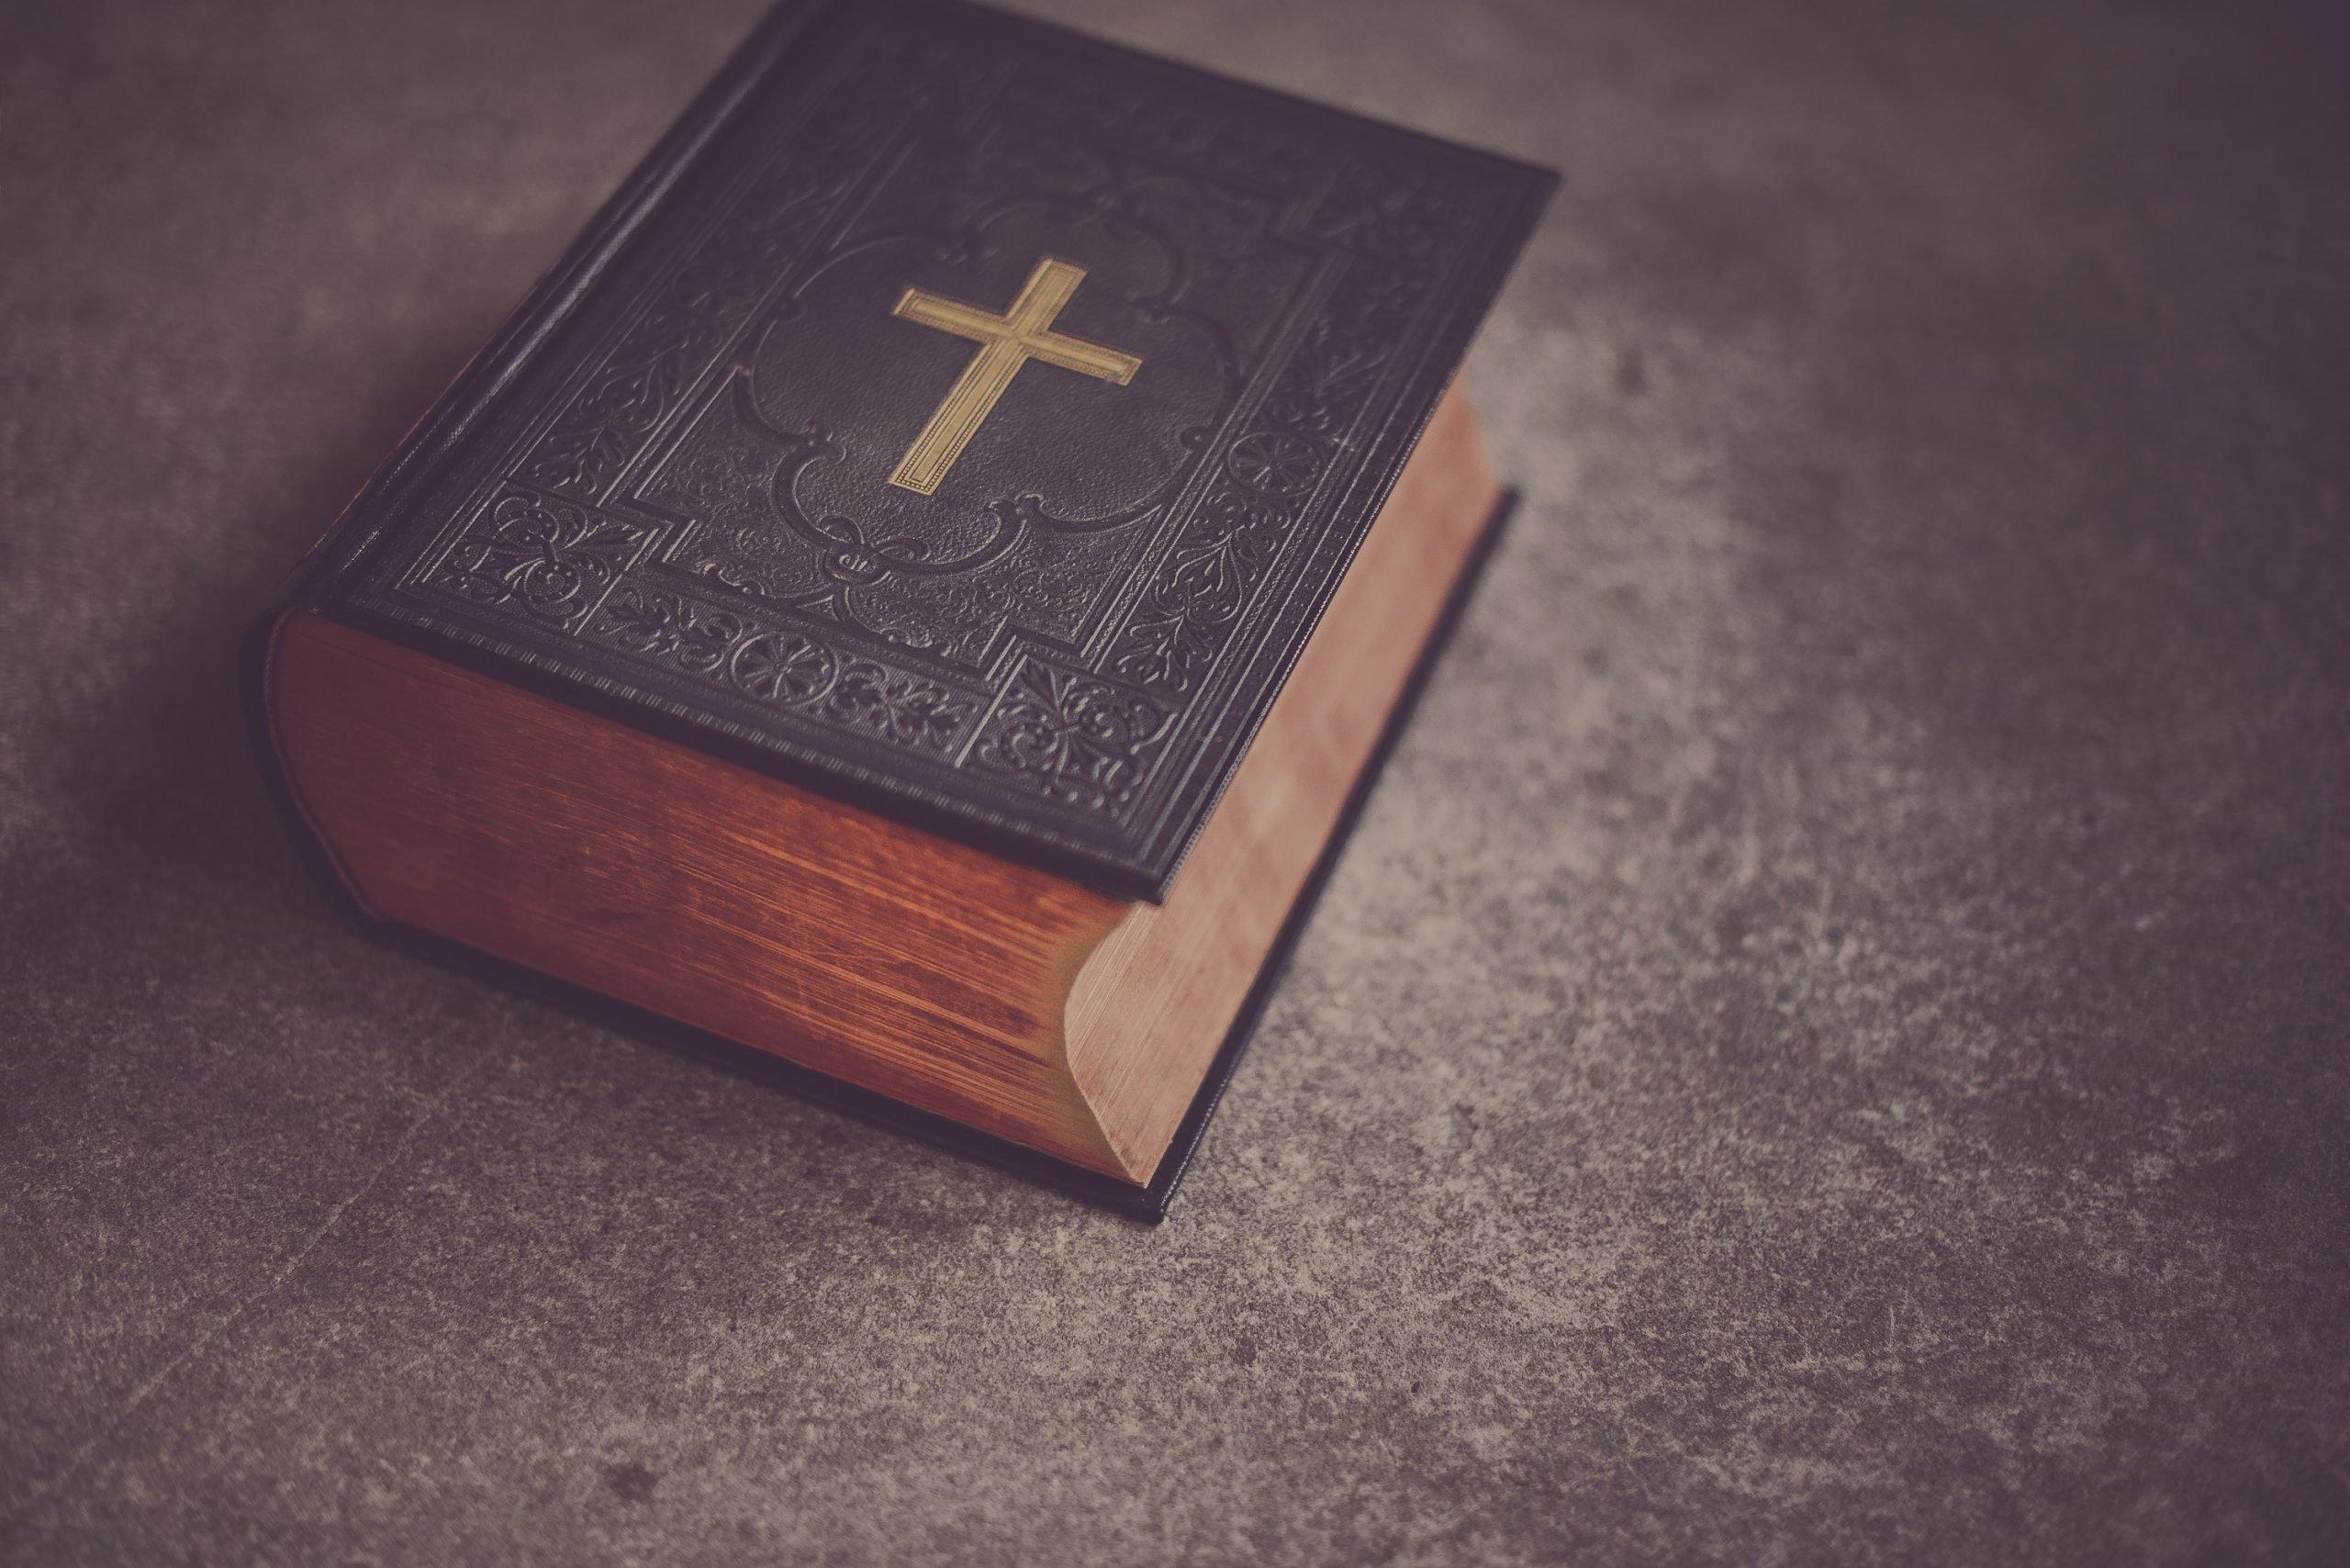 los 5 versiculos mas famosos de la biblia